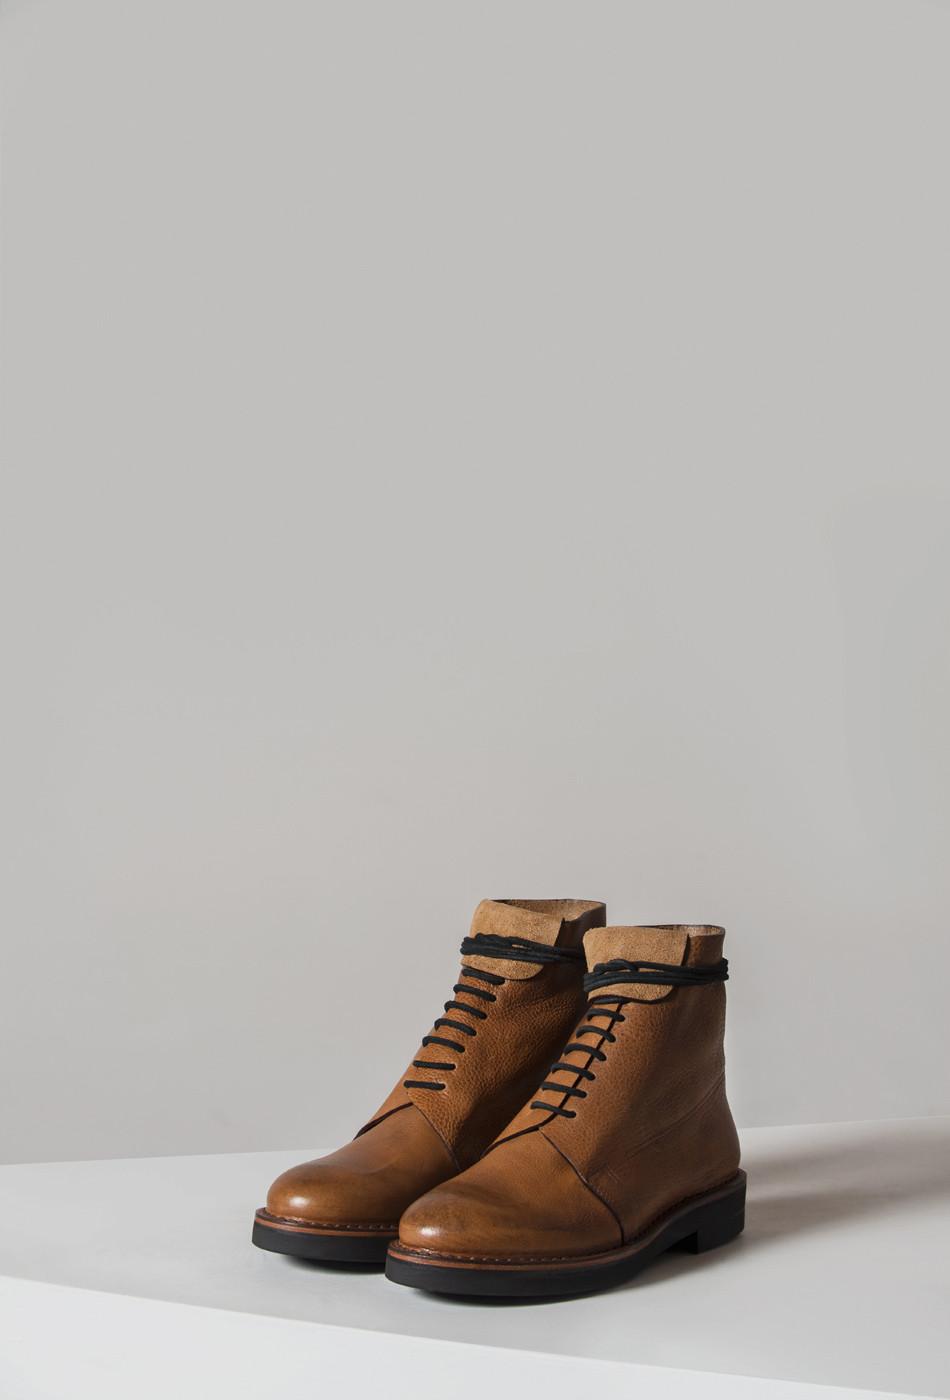 pretziada-boot-natural-brown.jpg